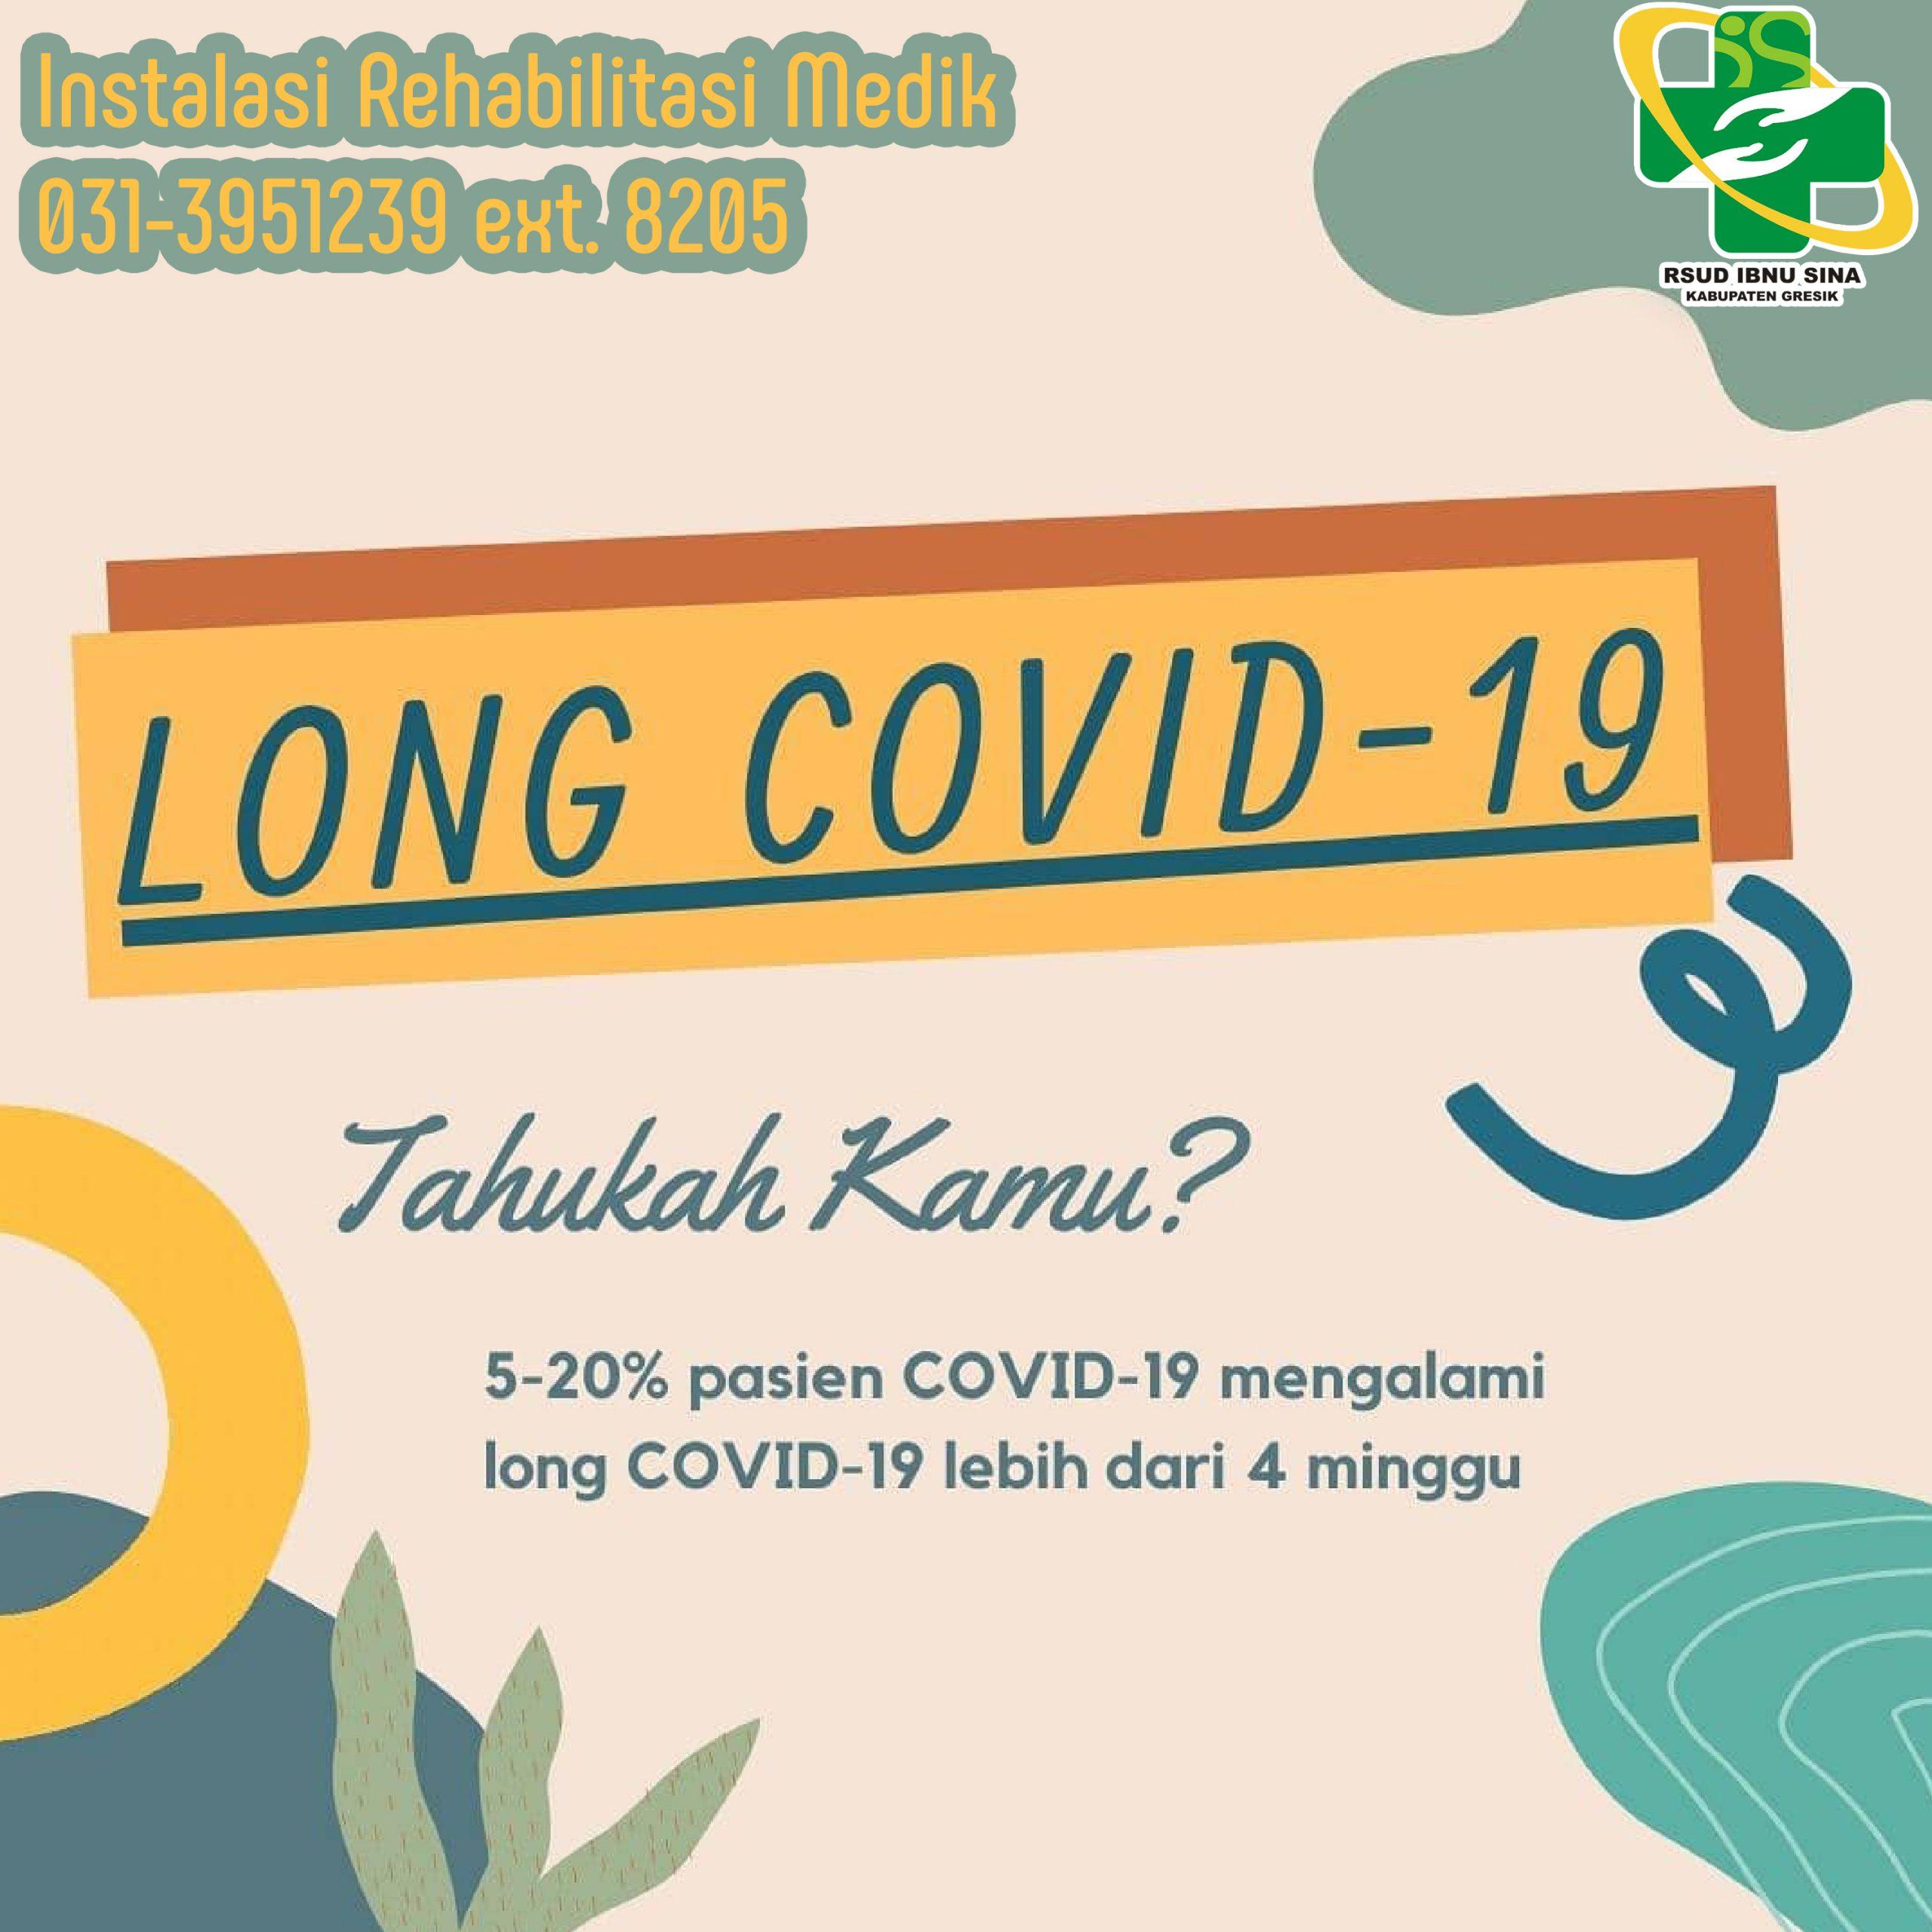 Apa itu Long Covid-19